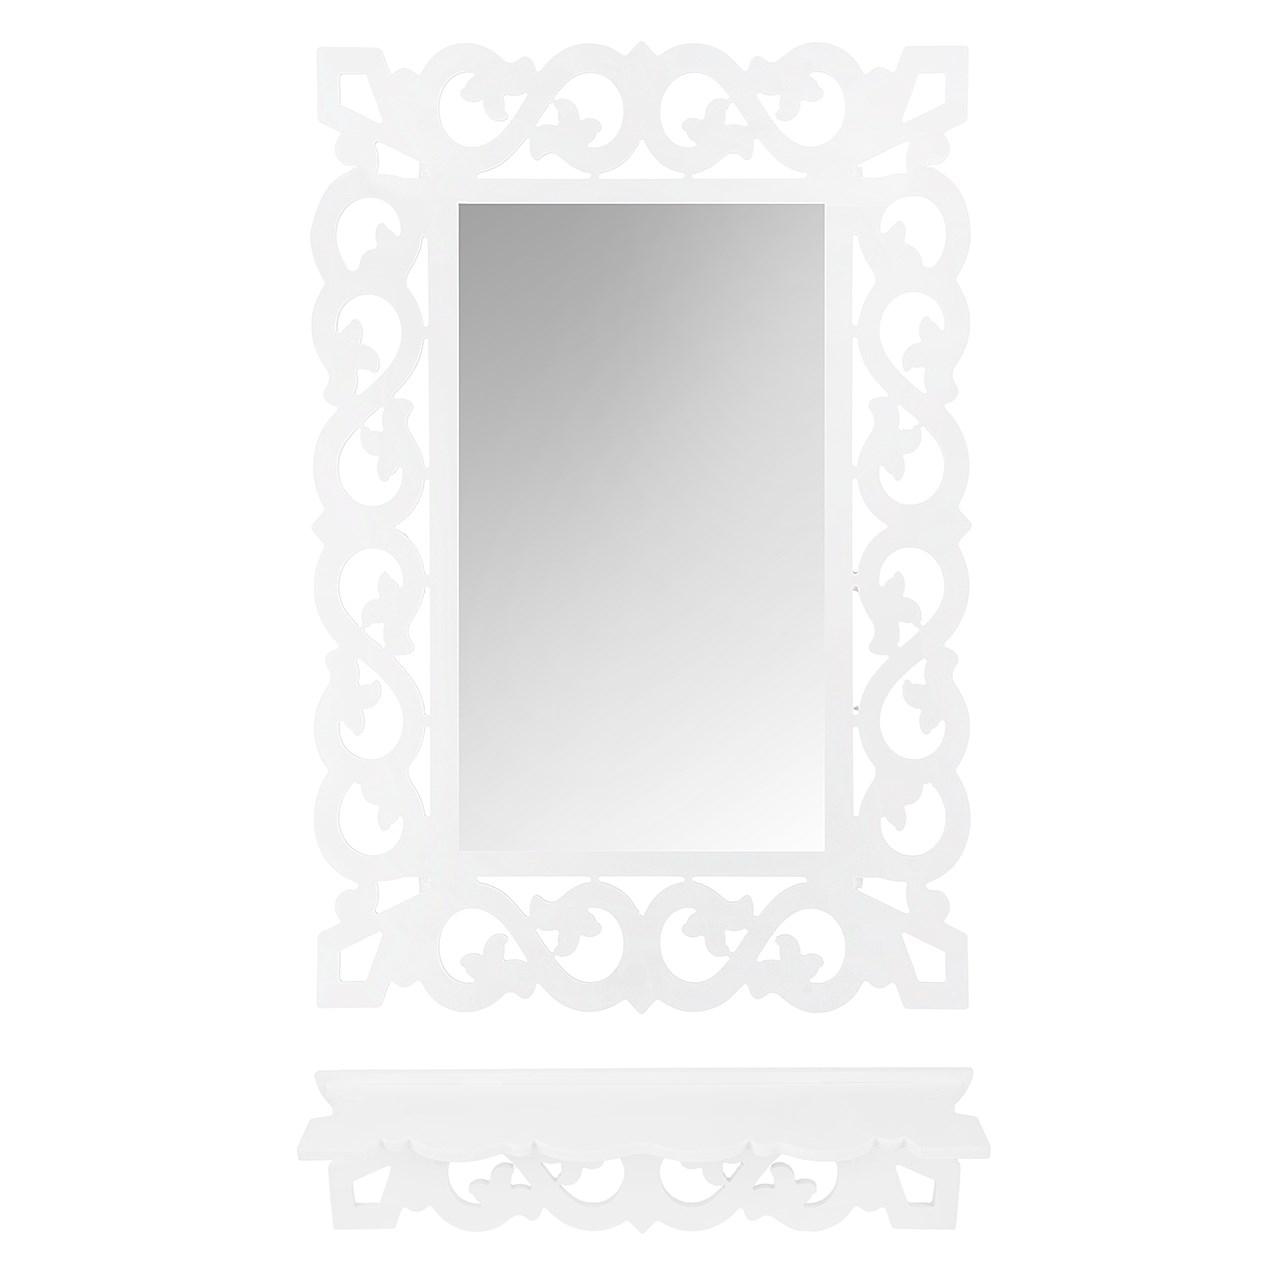 آینه کنسول پلی نایس مدل 93